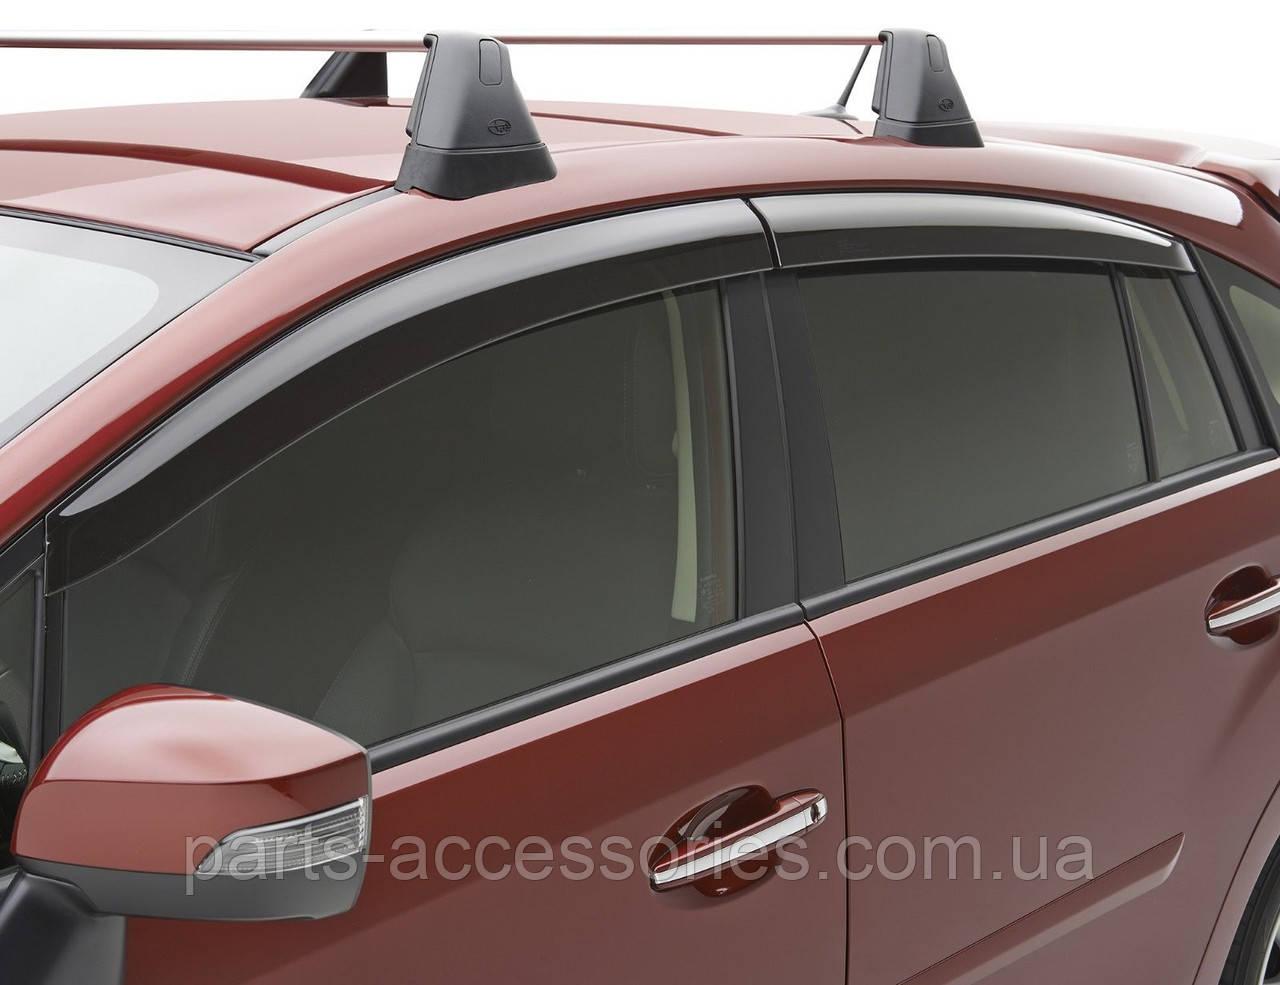 Ветровики дефлекторы передние задние Subaru XV Crosstrek 2013-2016 новые оригинальные